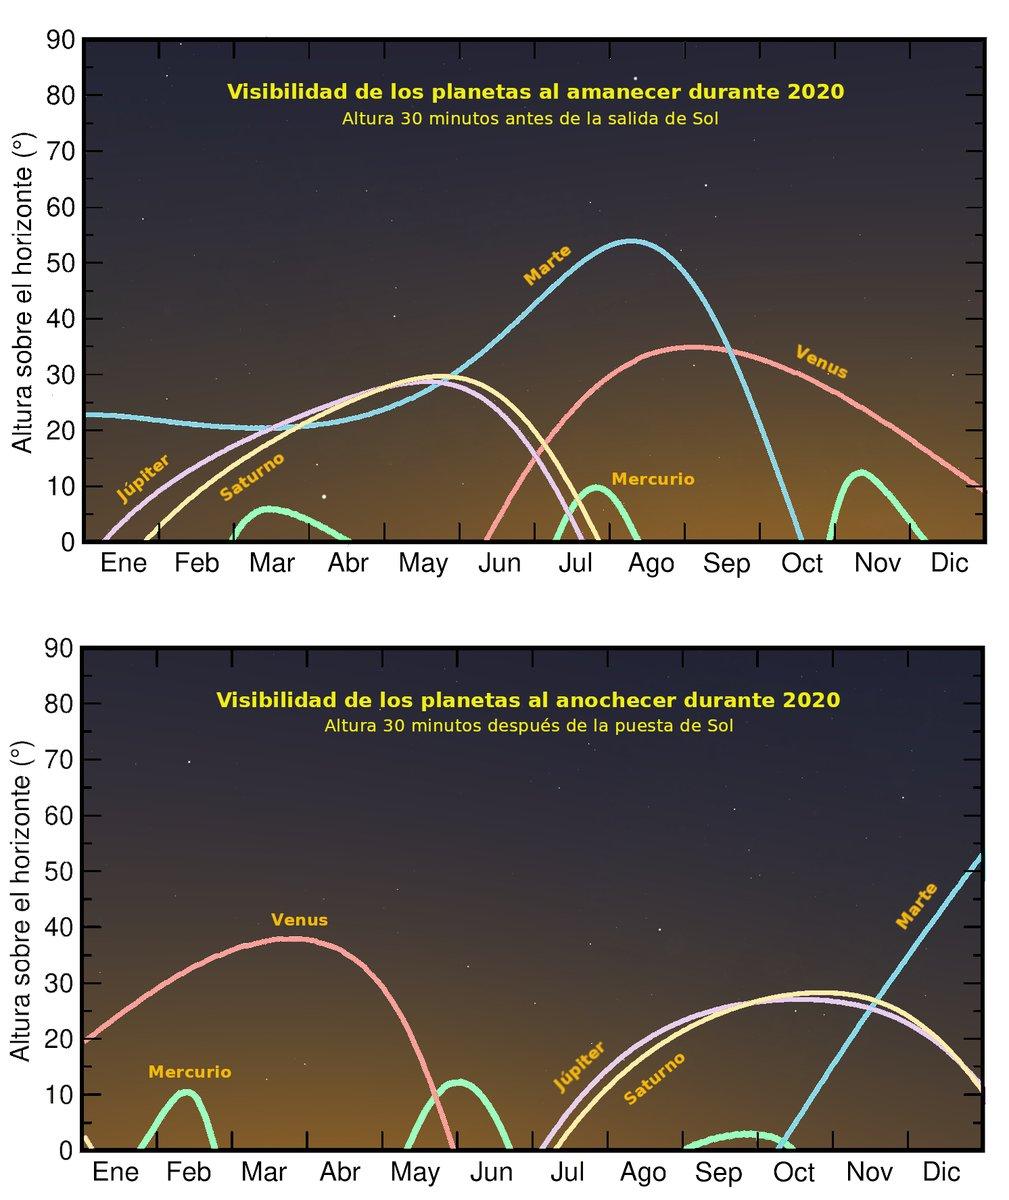 Para saber qué planetas se verán a lo largo del 2020, hemos preparado este gráfico. En él puedes ver la altura sobre el horizonte a la que se encontrarán los distintos planetas al amanecer y al anochecer en función del día del mes. !No te pierdas los planetas durante el 2020! https://t.co/jv4JL0jGvW